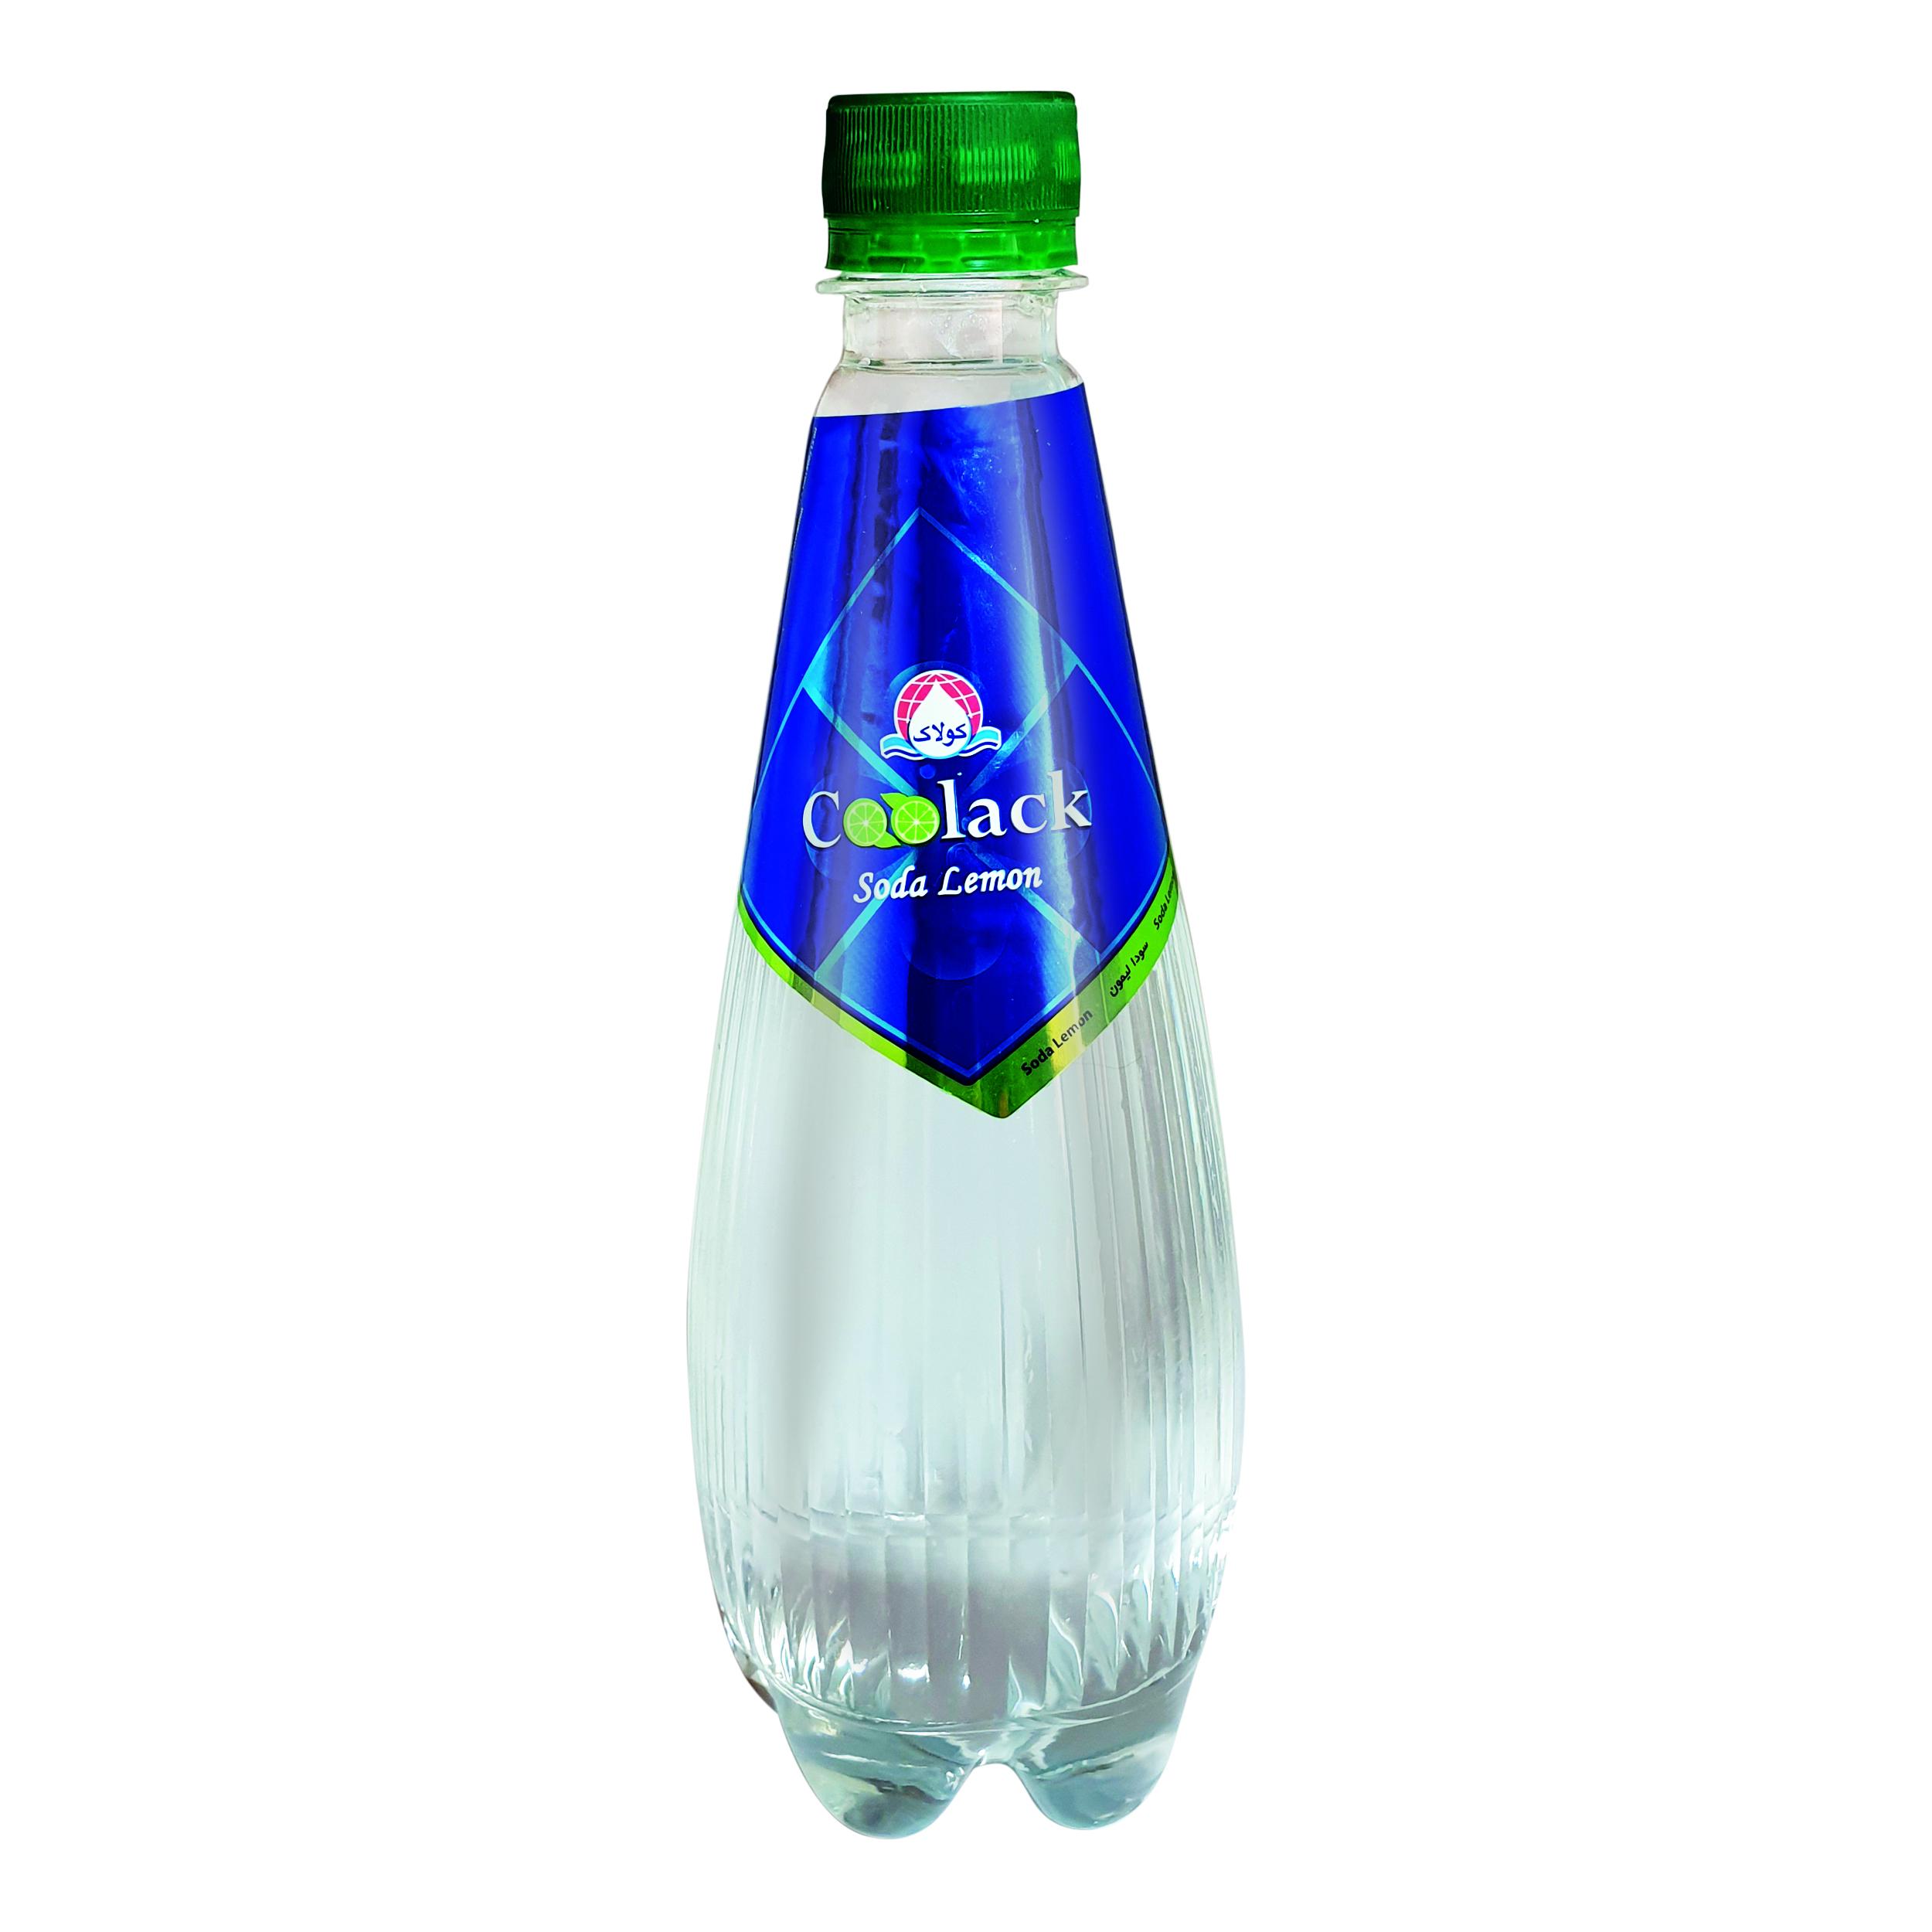 نوشیدنی سودا لیمویی کولاک - 0.5 لیتر